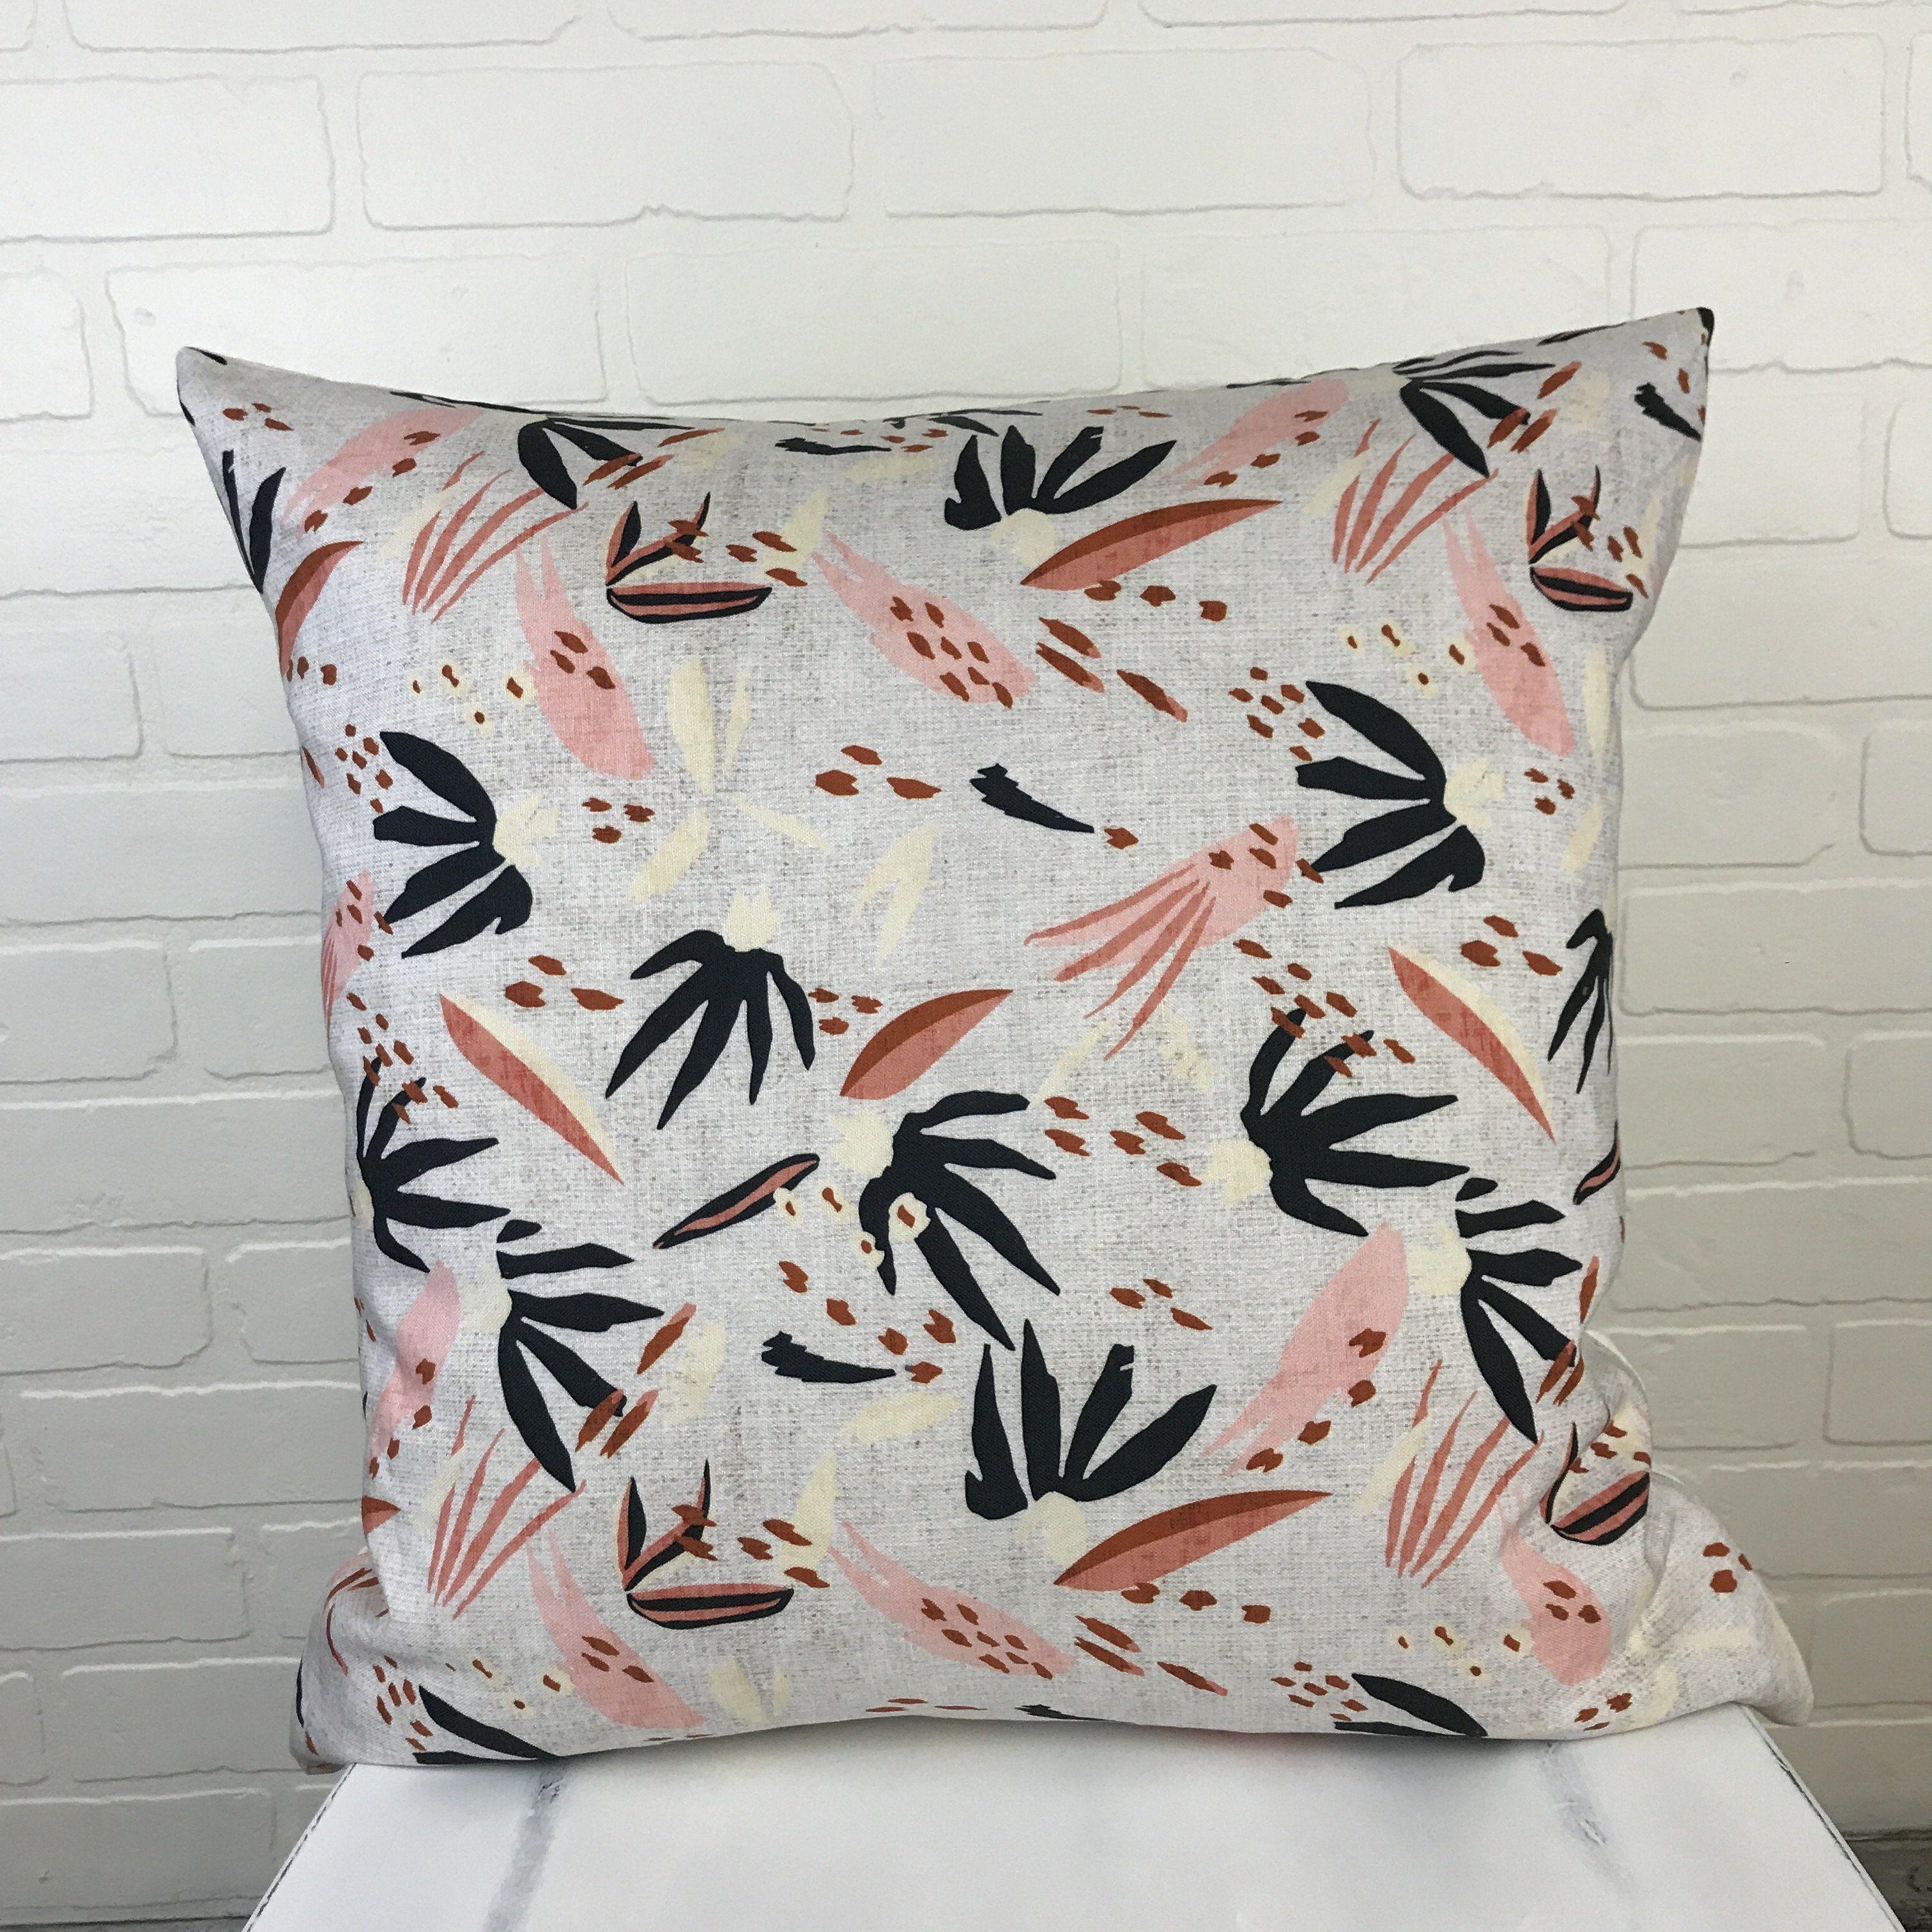 Adobo pillow cover pillows handmade pillows and cotton canvas